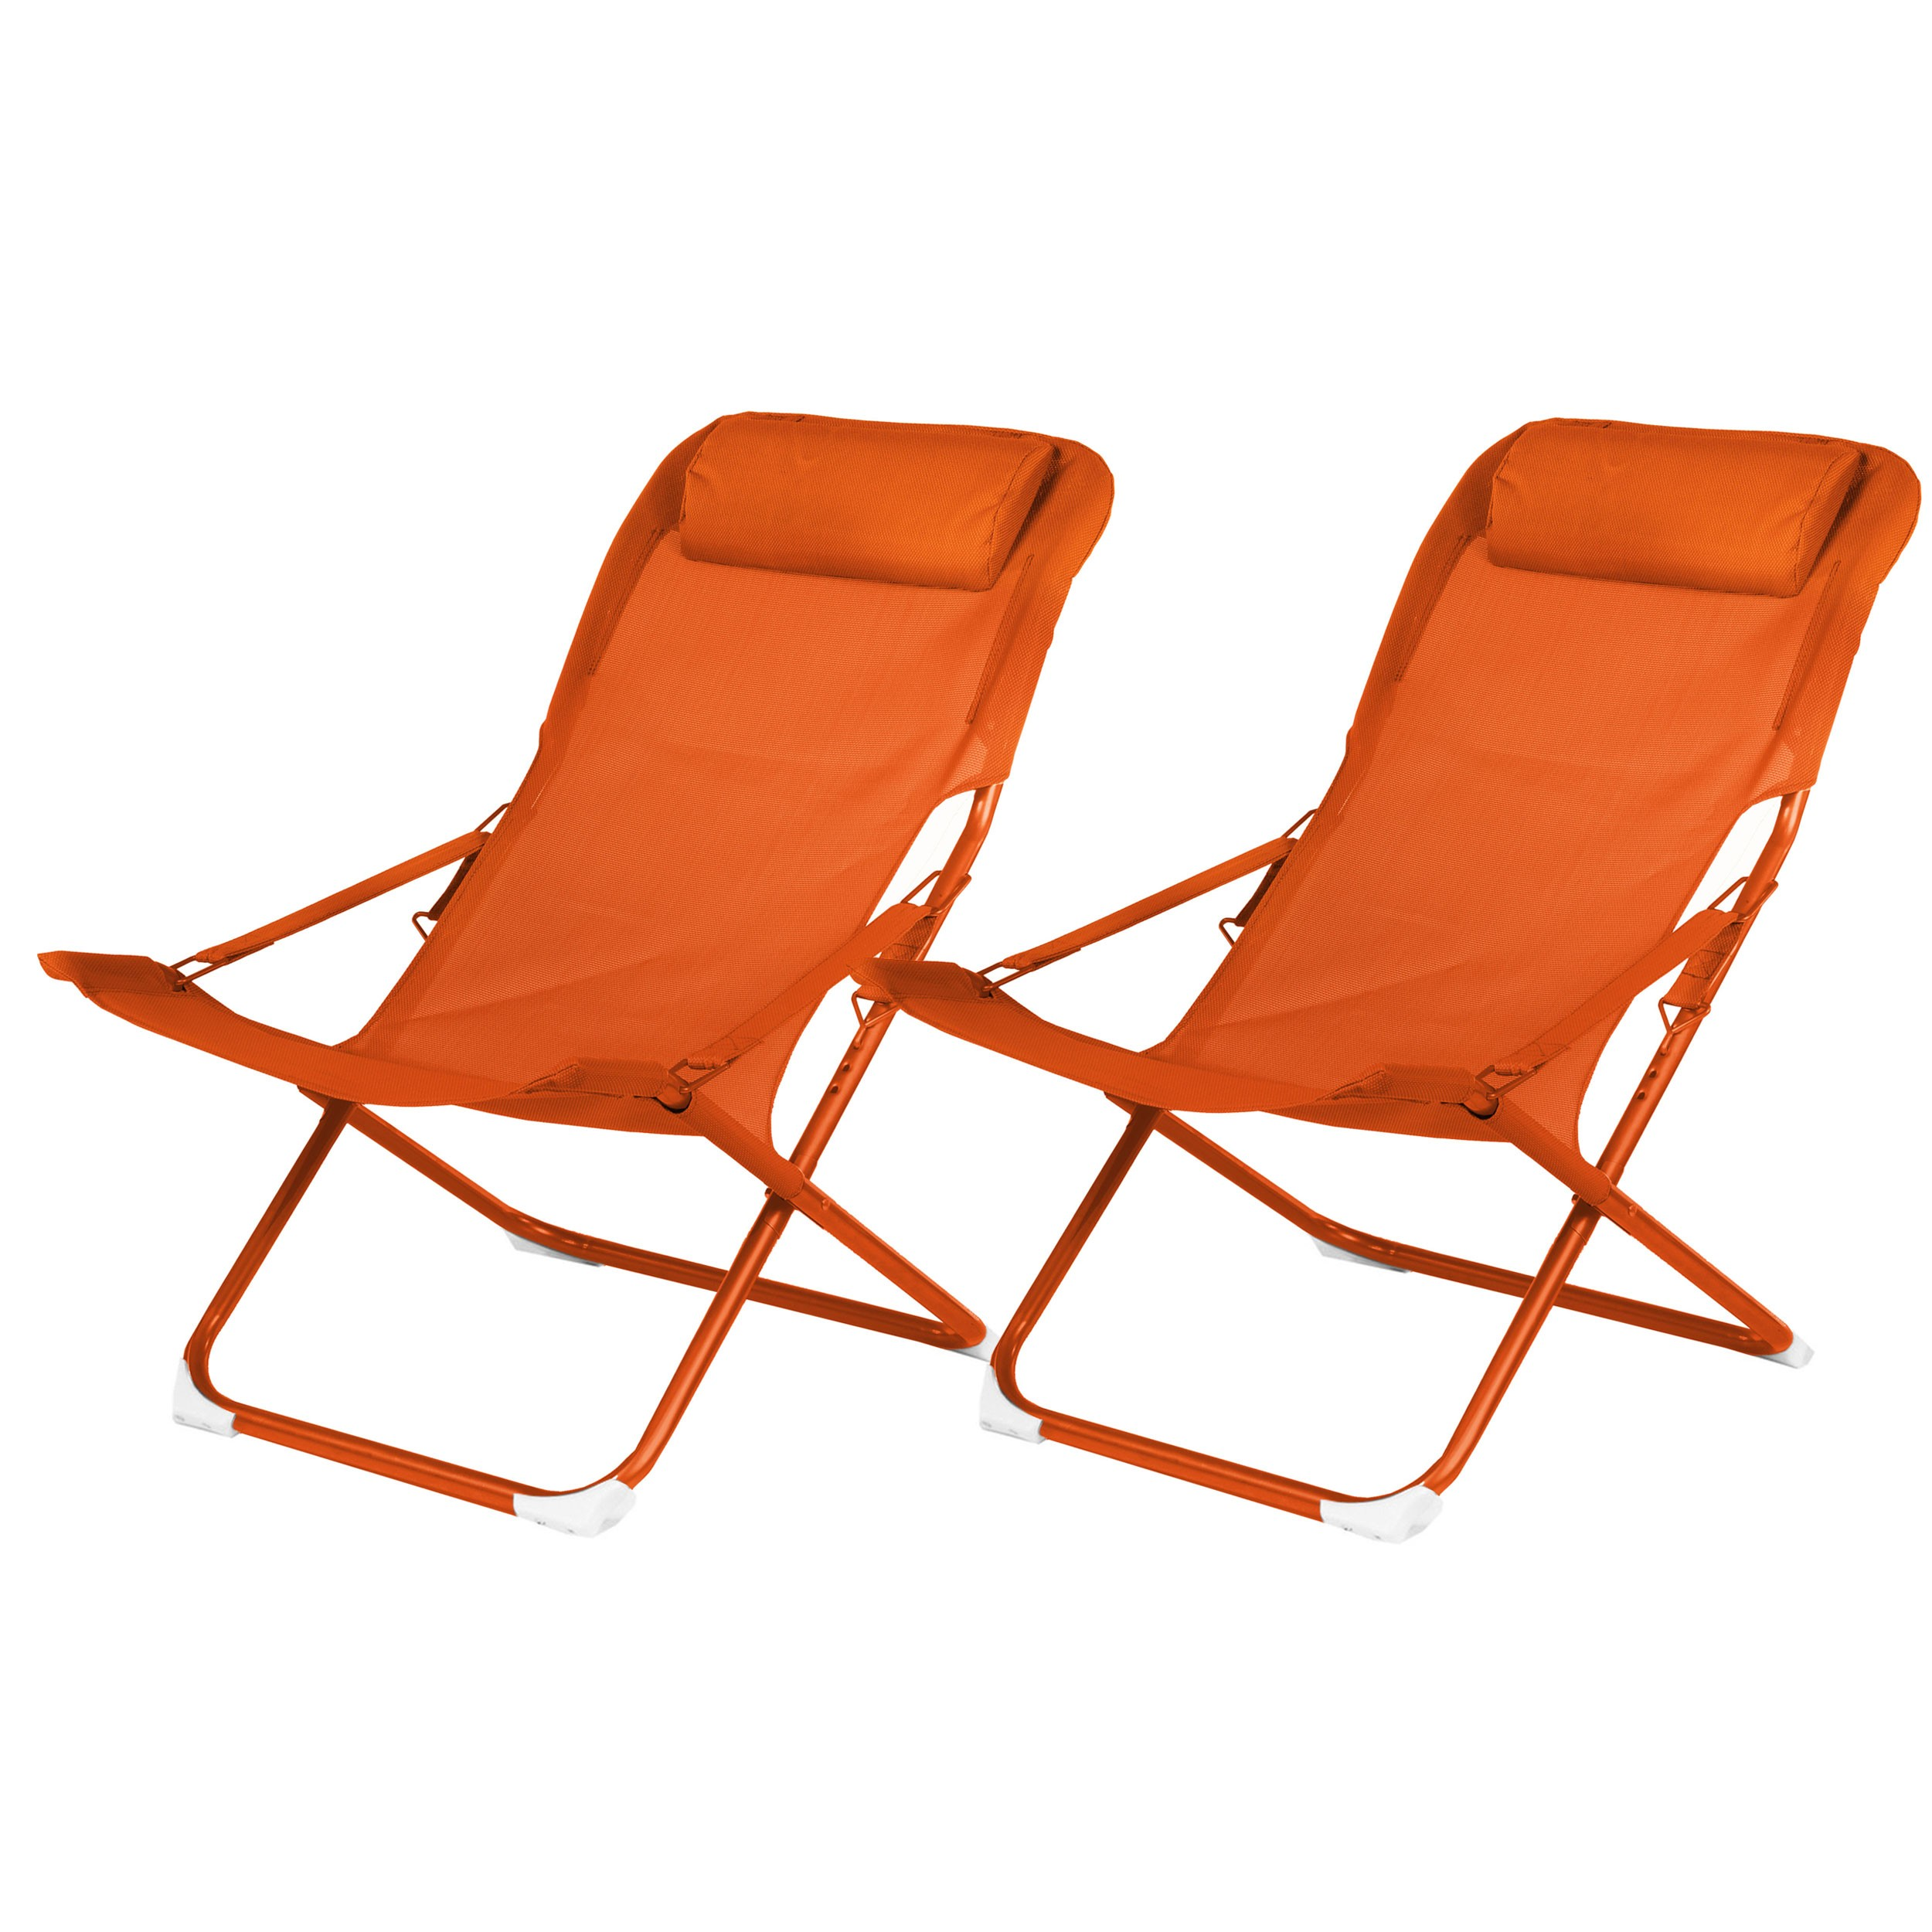 chaise longue talanga paprika lot de 2 optez pour nos chaises longues talanga paprika lot. Black Bedroom Furniture Sets. Home Design Ideas